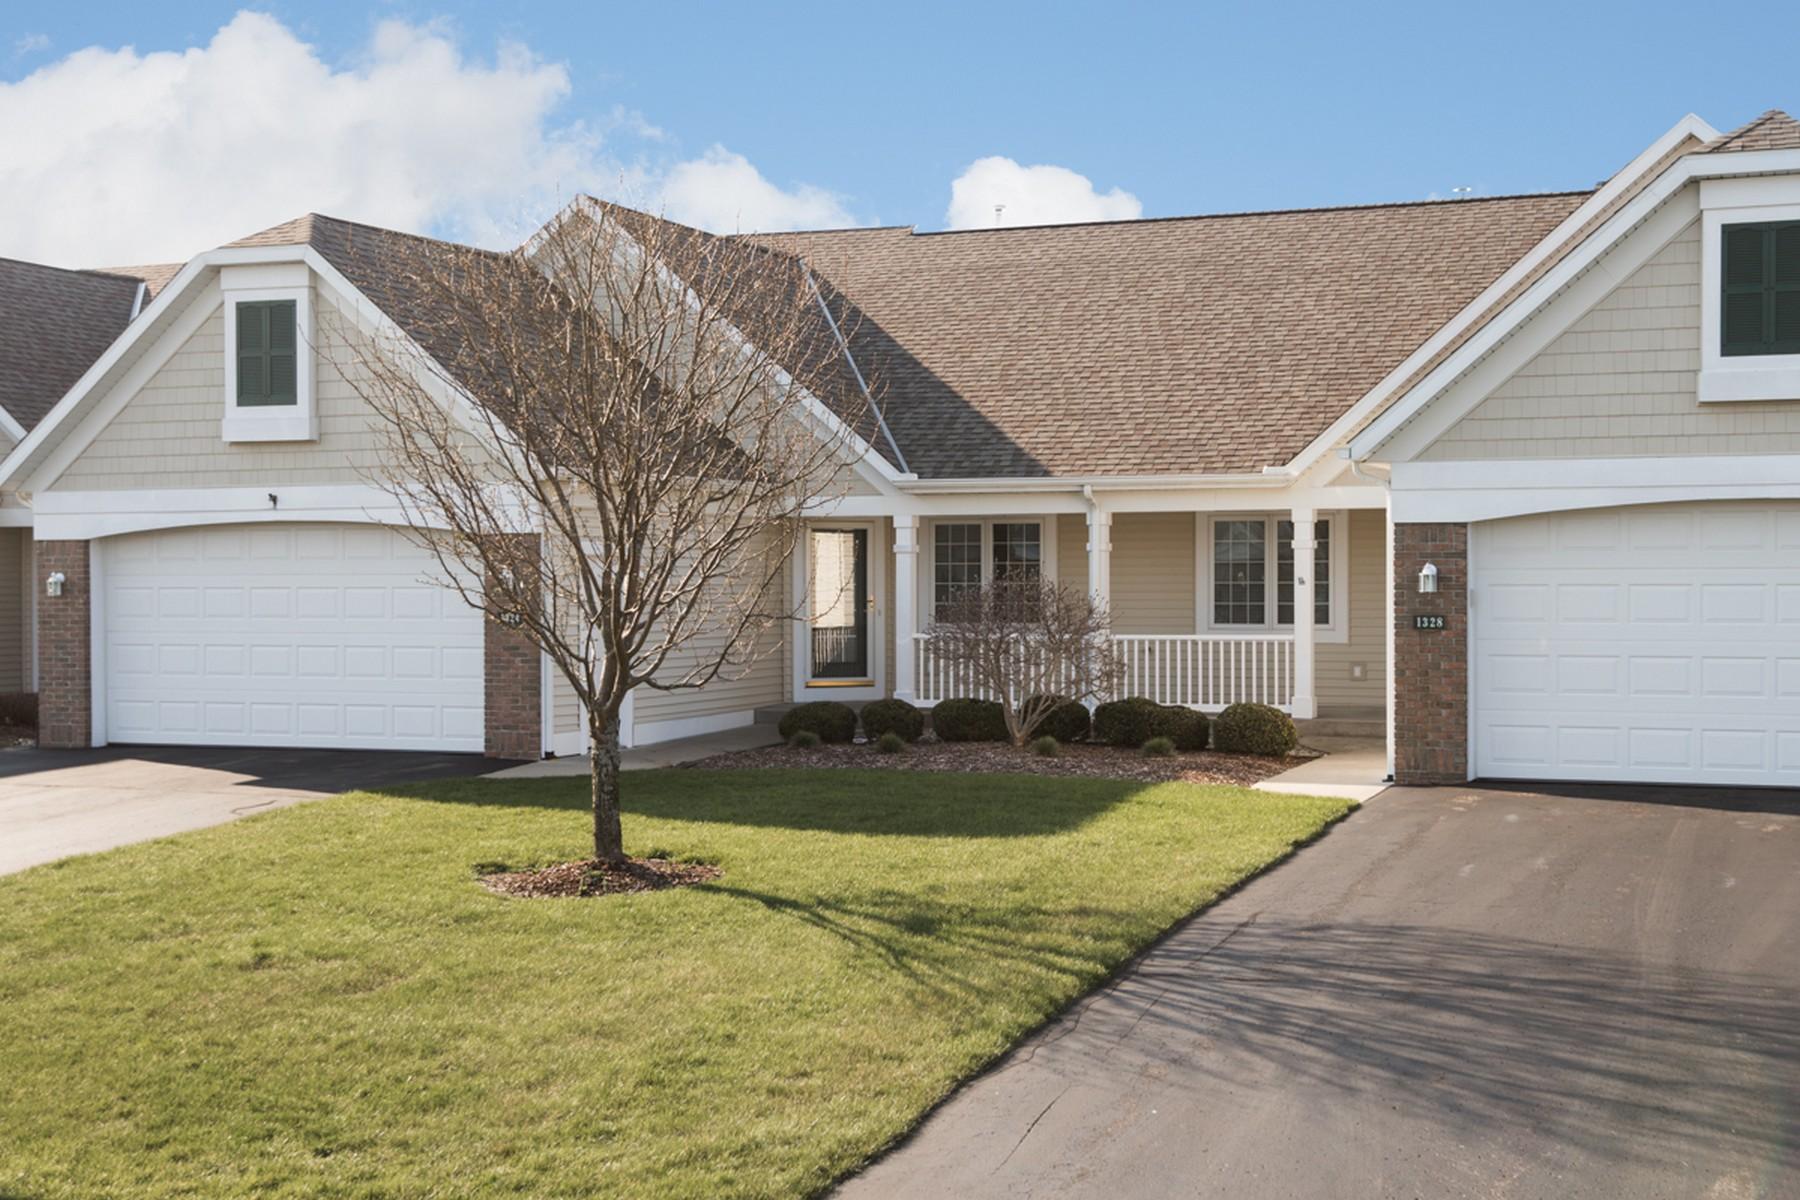 共管式独立产权公寓 为 销售 在 Custom Waterway Pines Condo 1324 Timber Crossing 霍德兰, 密歇根州, 49424 美国